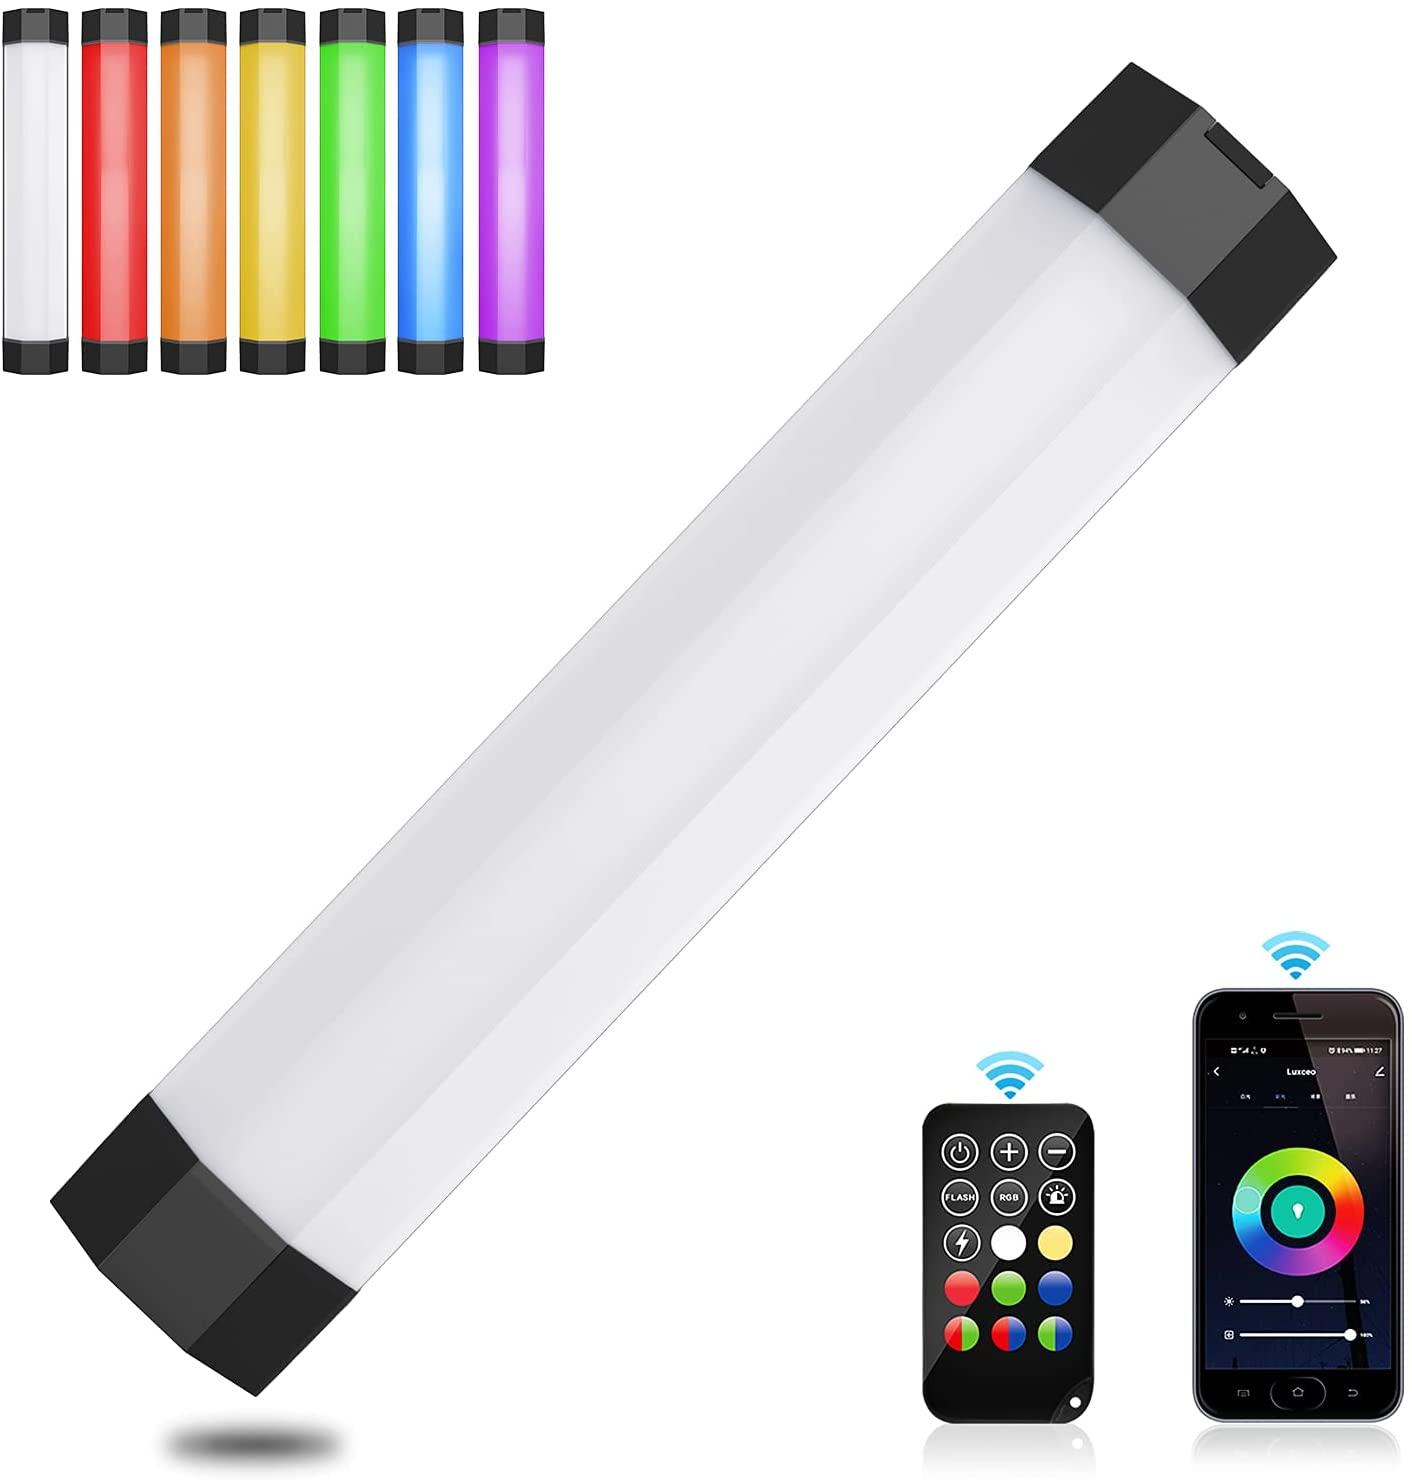 DF DIGITALFOTO RGB مصباح أنبوبي مقاوم للماء مع المغناطيس يده RGB أنبوب ضوء عصا الفيديو لينة ضوء التطبيق والتحكم عن بعد فوتوغ